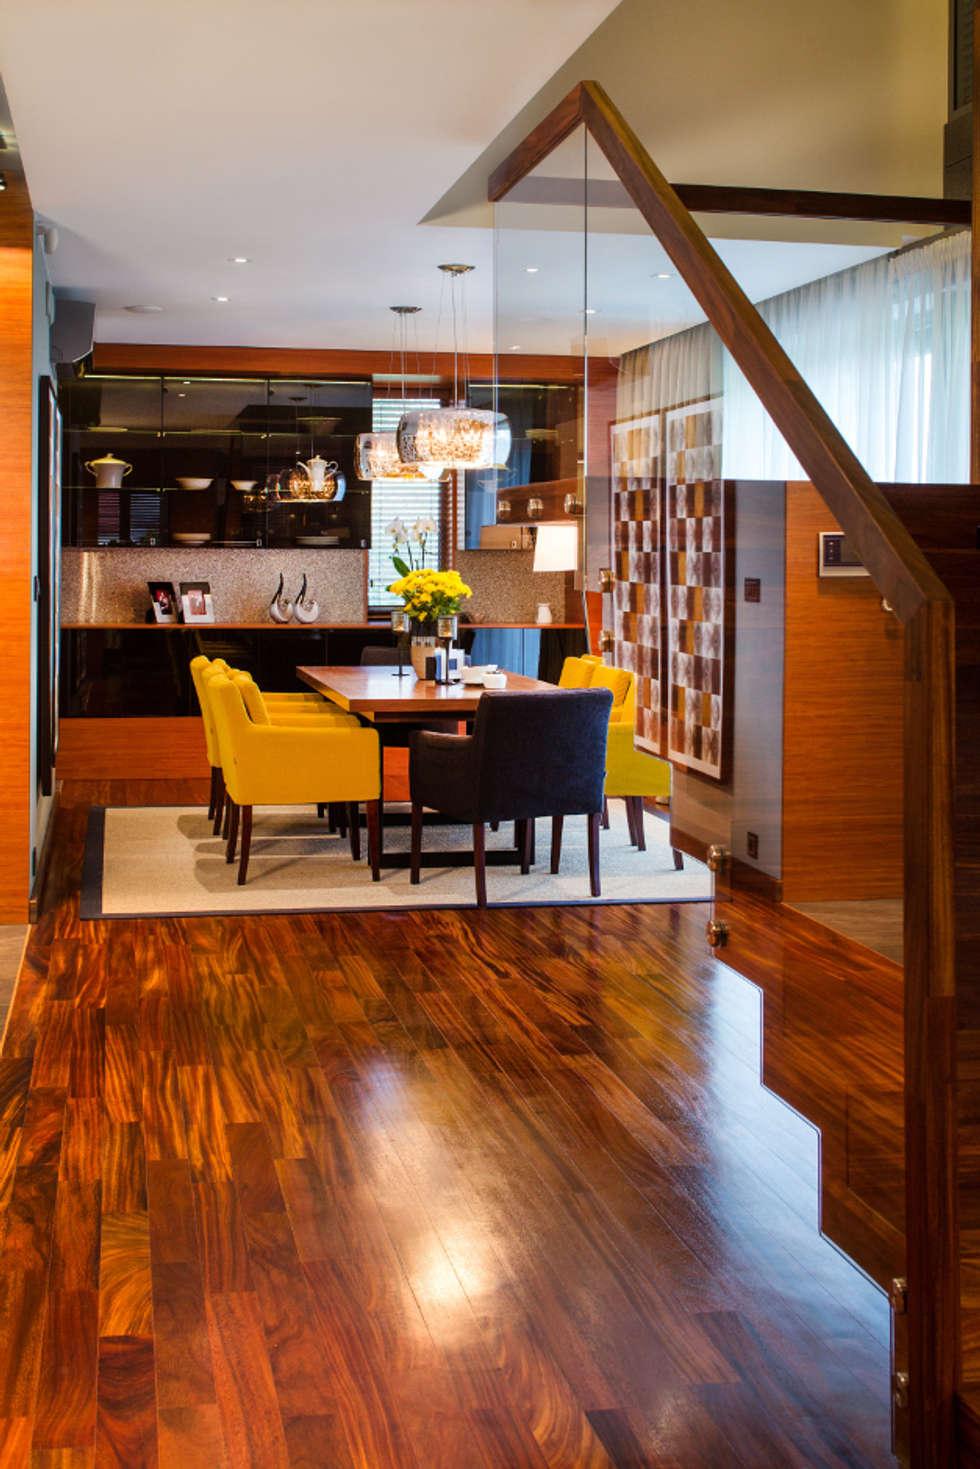 Schody z widokiem na jadalnię: styl , w kategorii Korytarz, przedpokój zaprojektowany przez Viva Design - projektowanie wnętrz